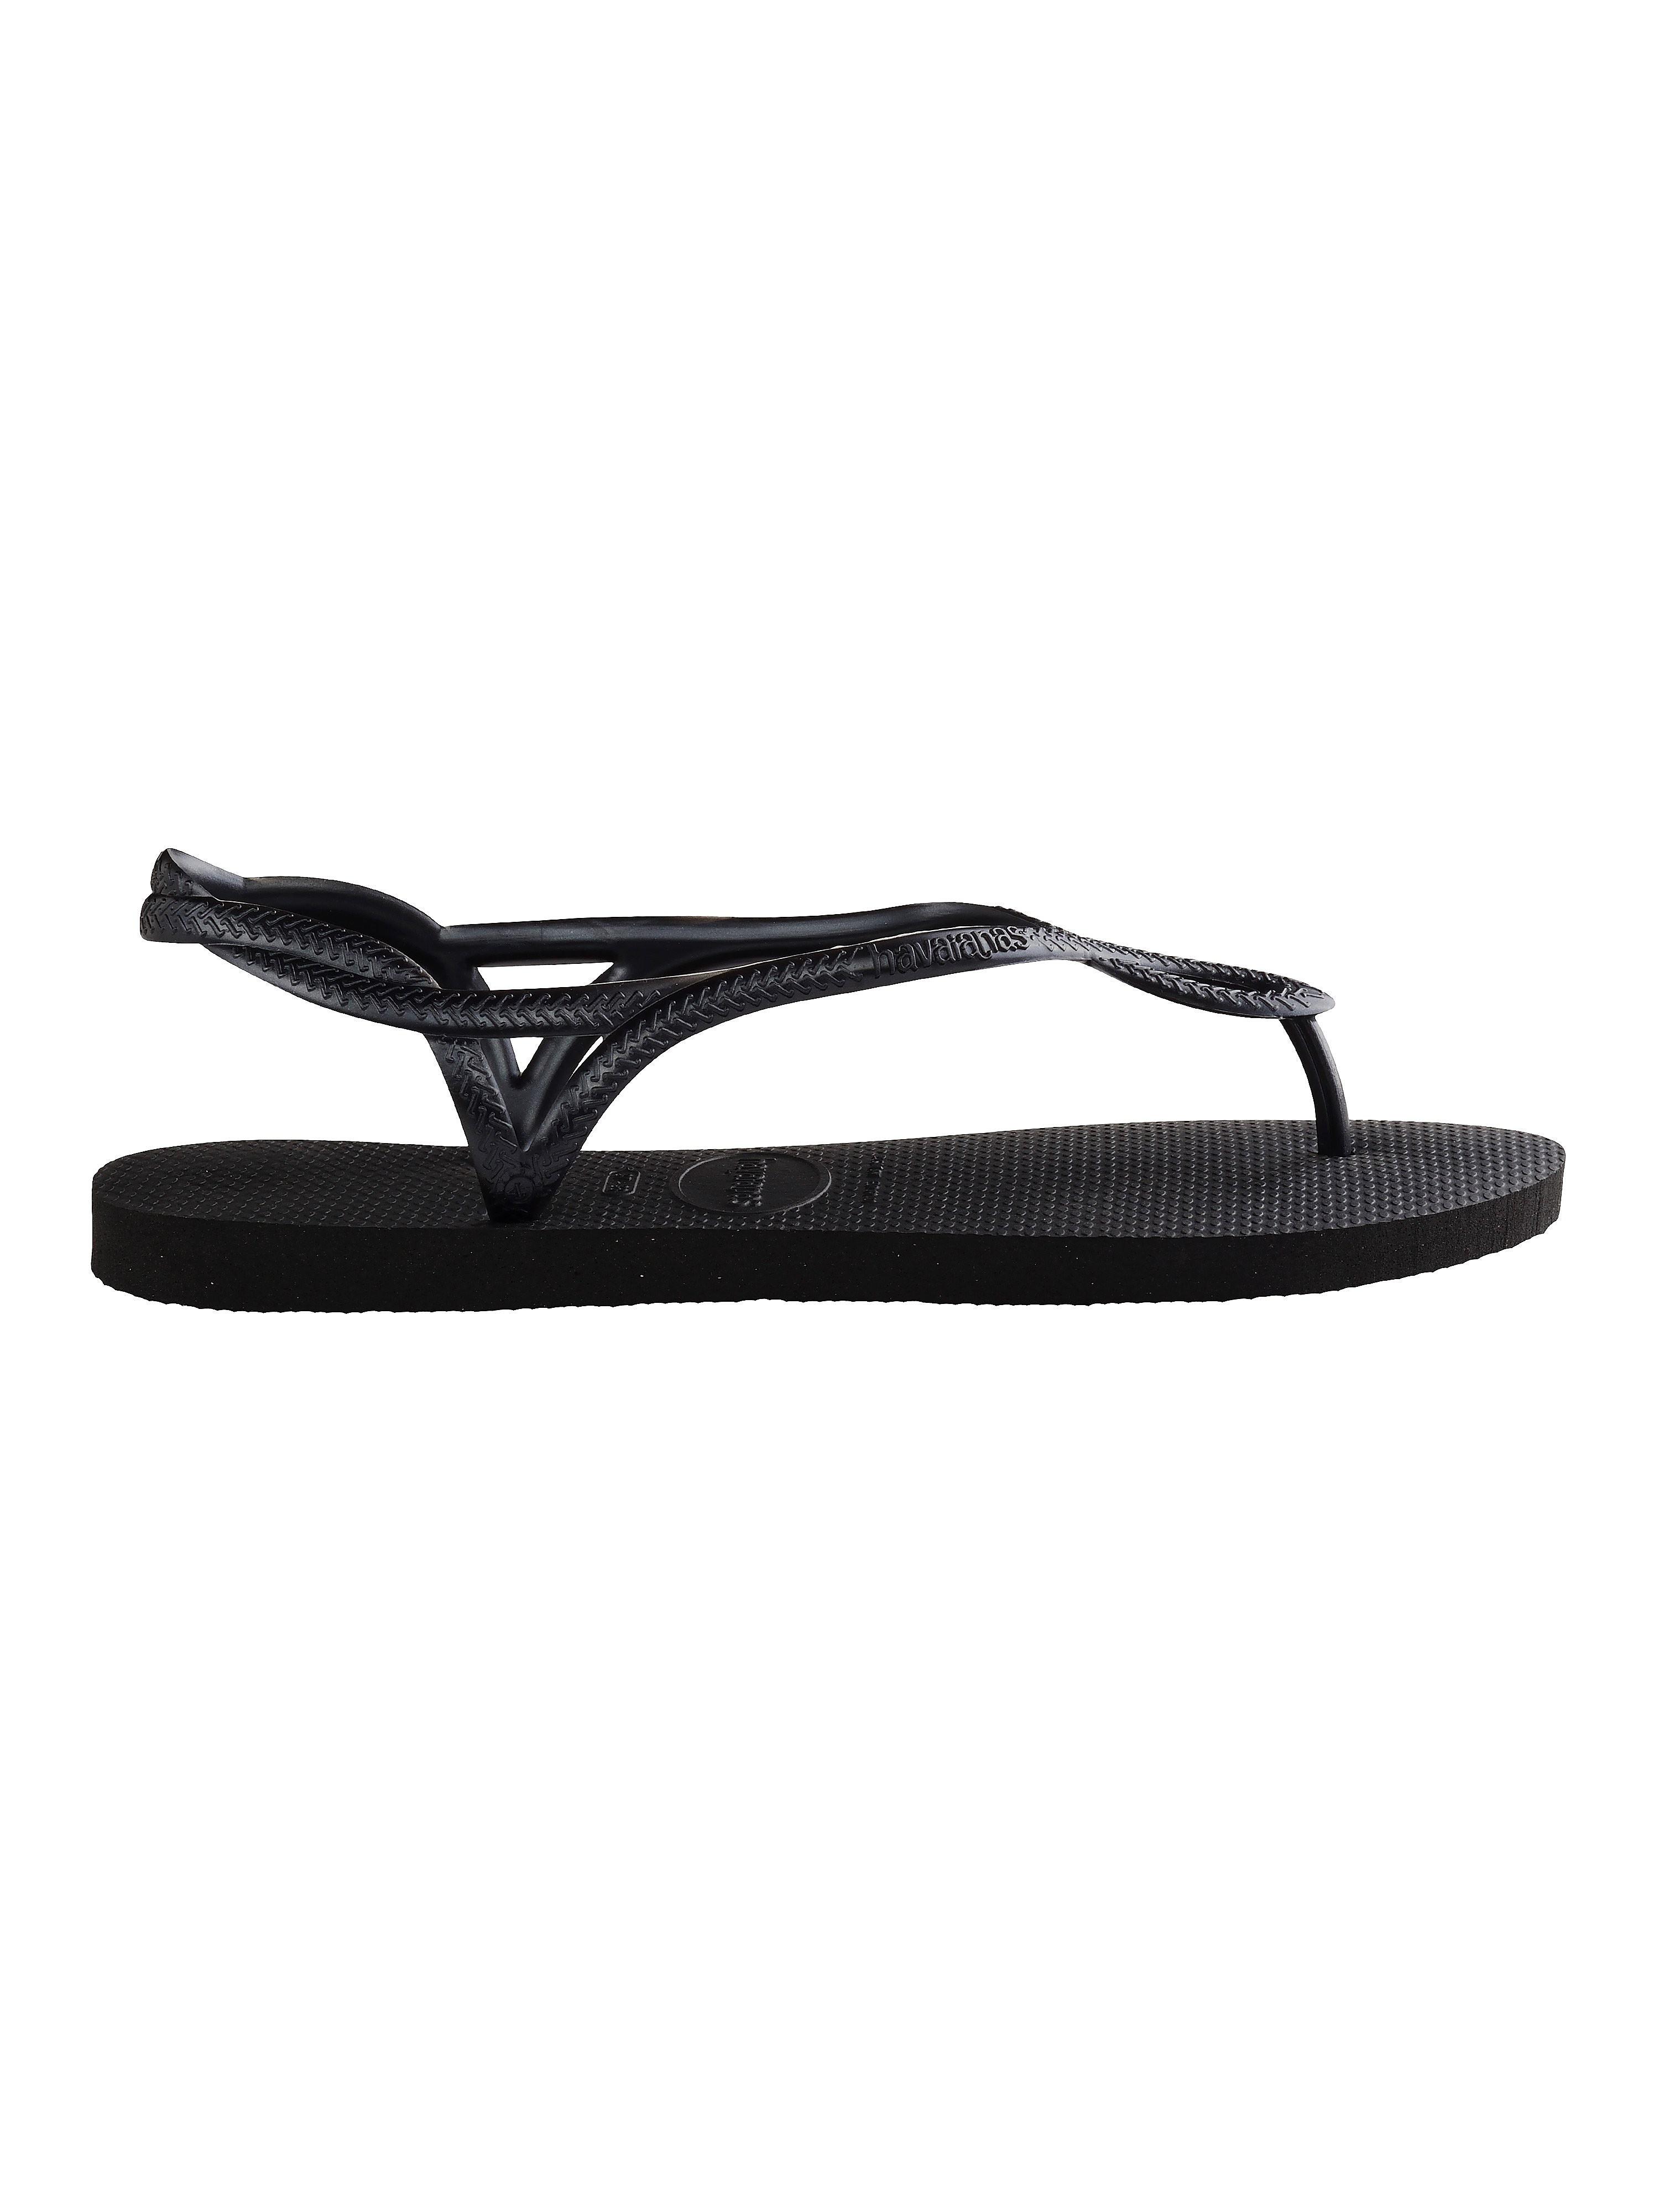 Havaianas Women's Luna Flip Flops - Black